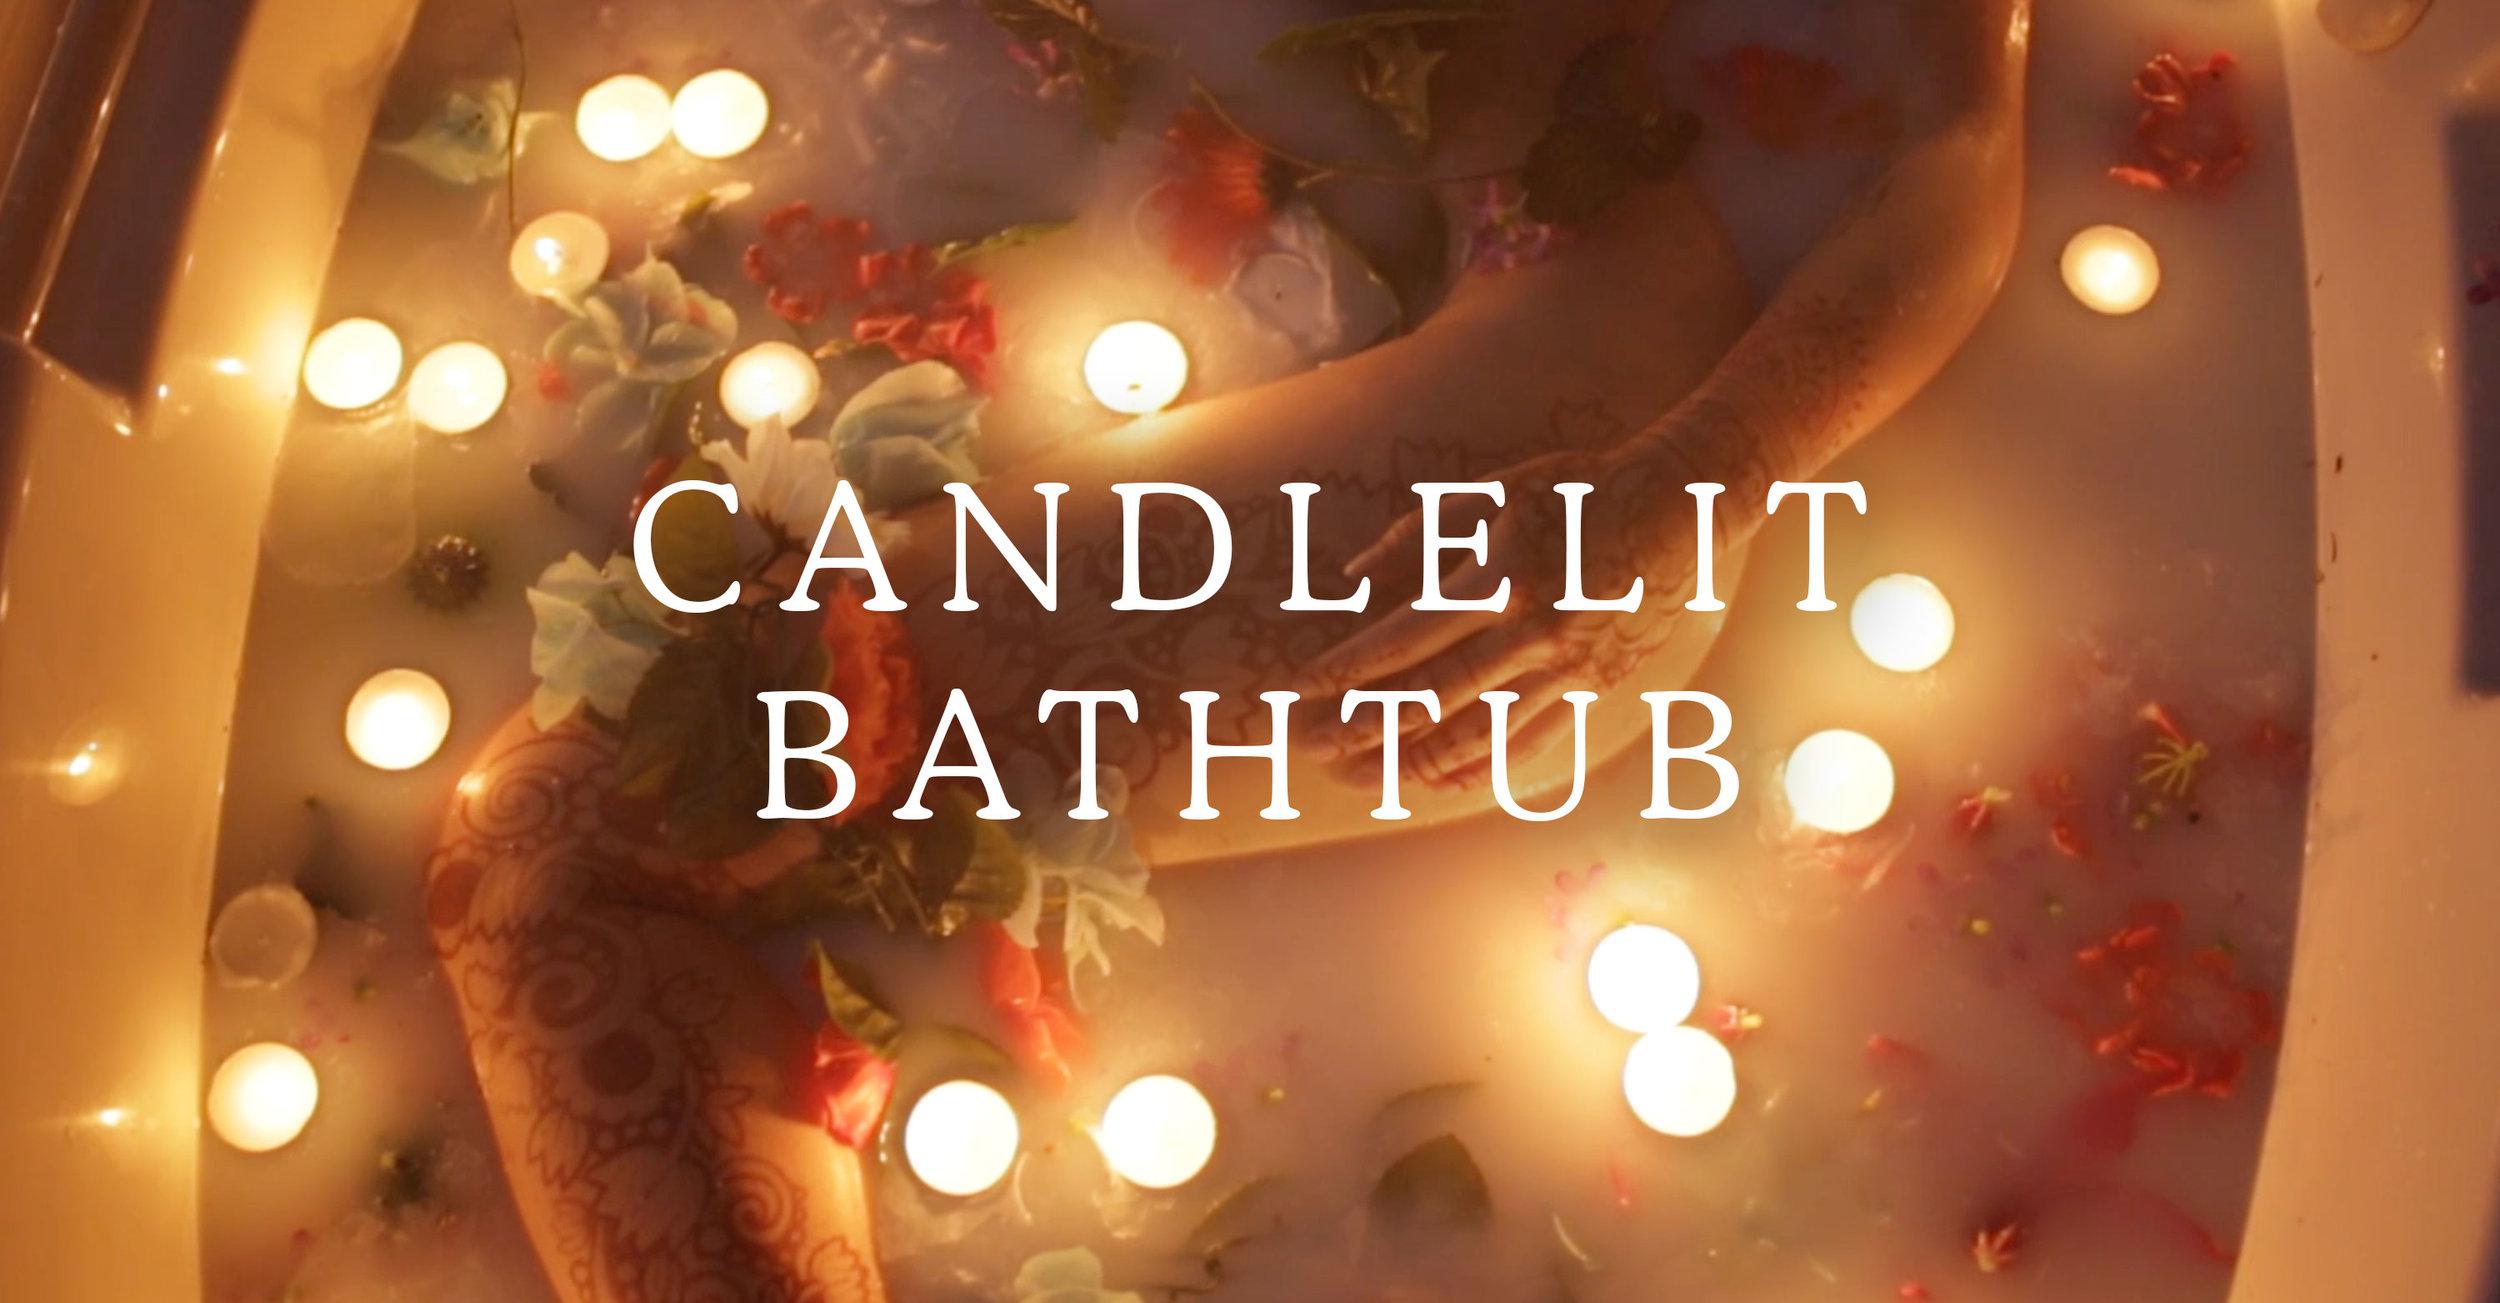 Candlelit Bathtub Photoshoot Title Card